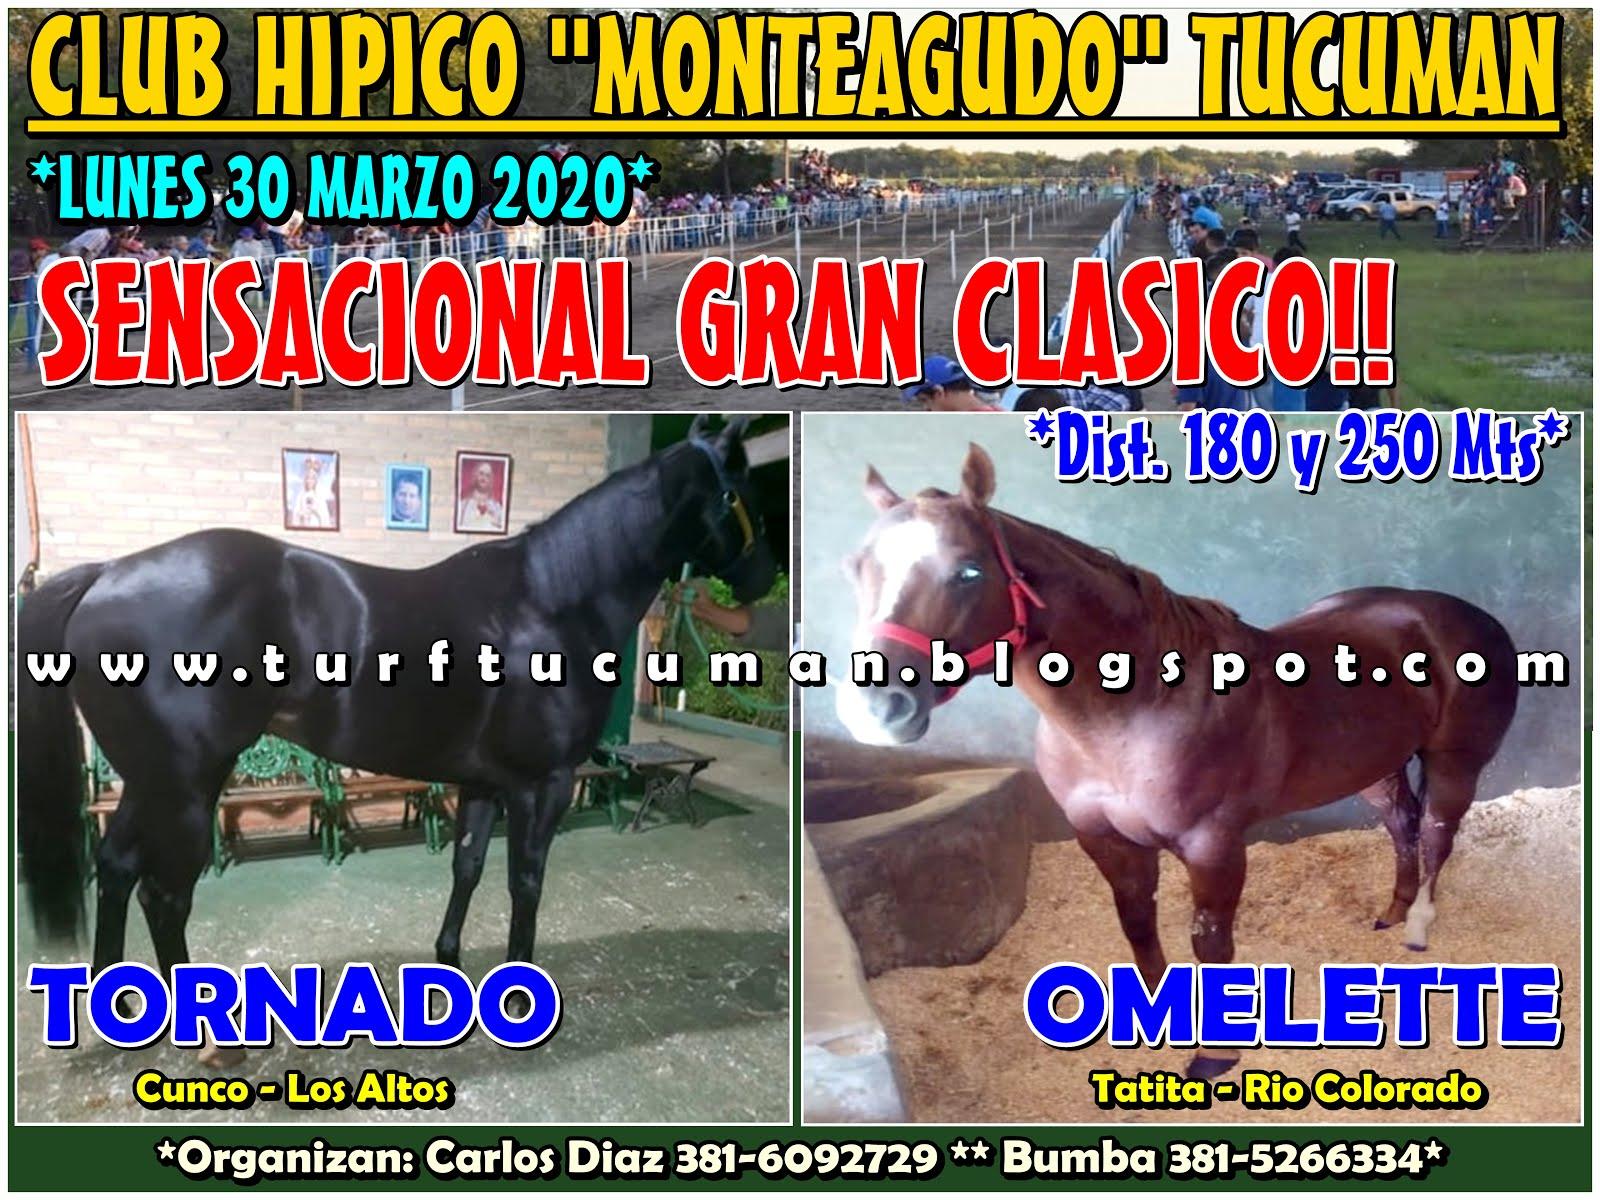 TORNADO VS OMELETTE